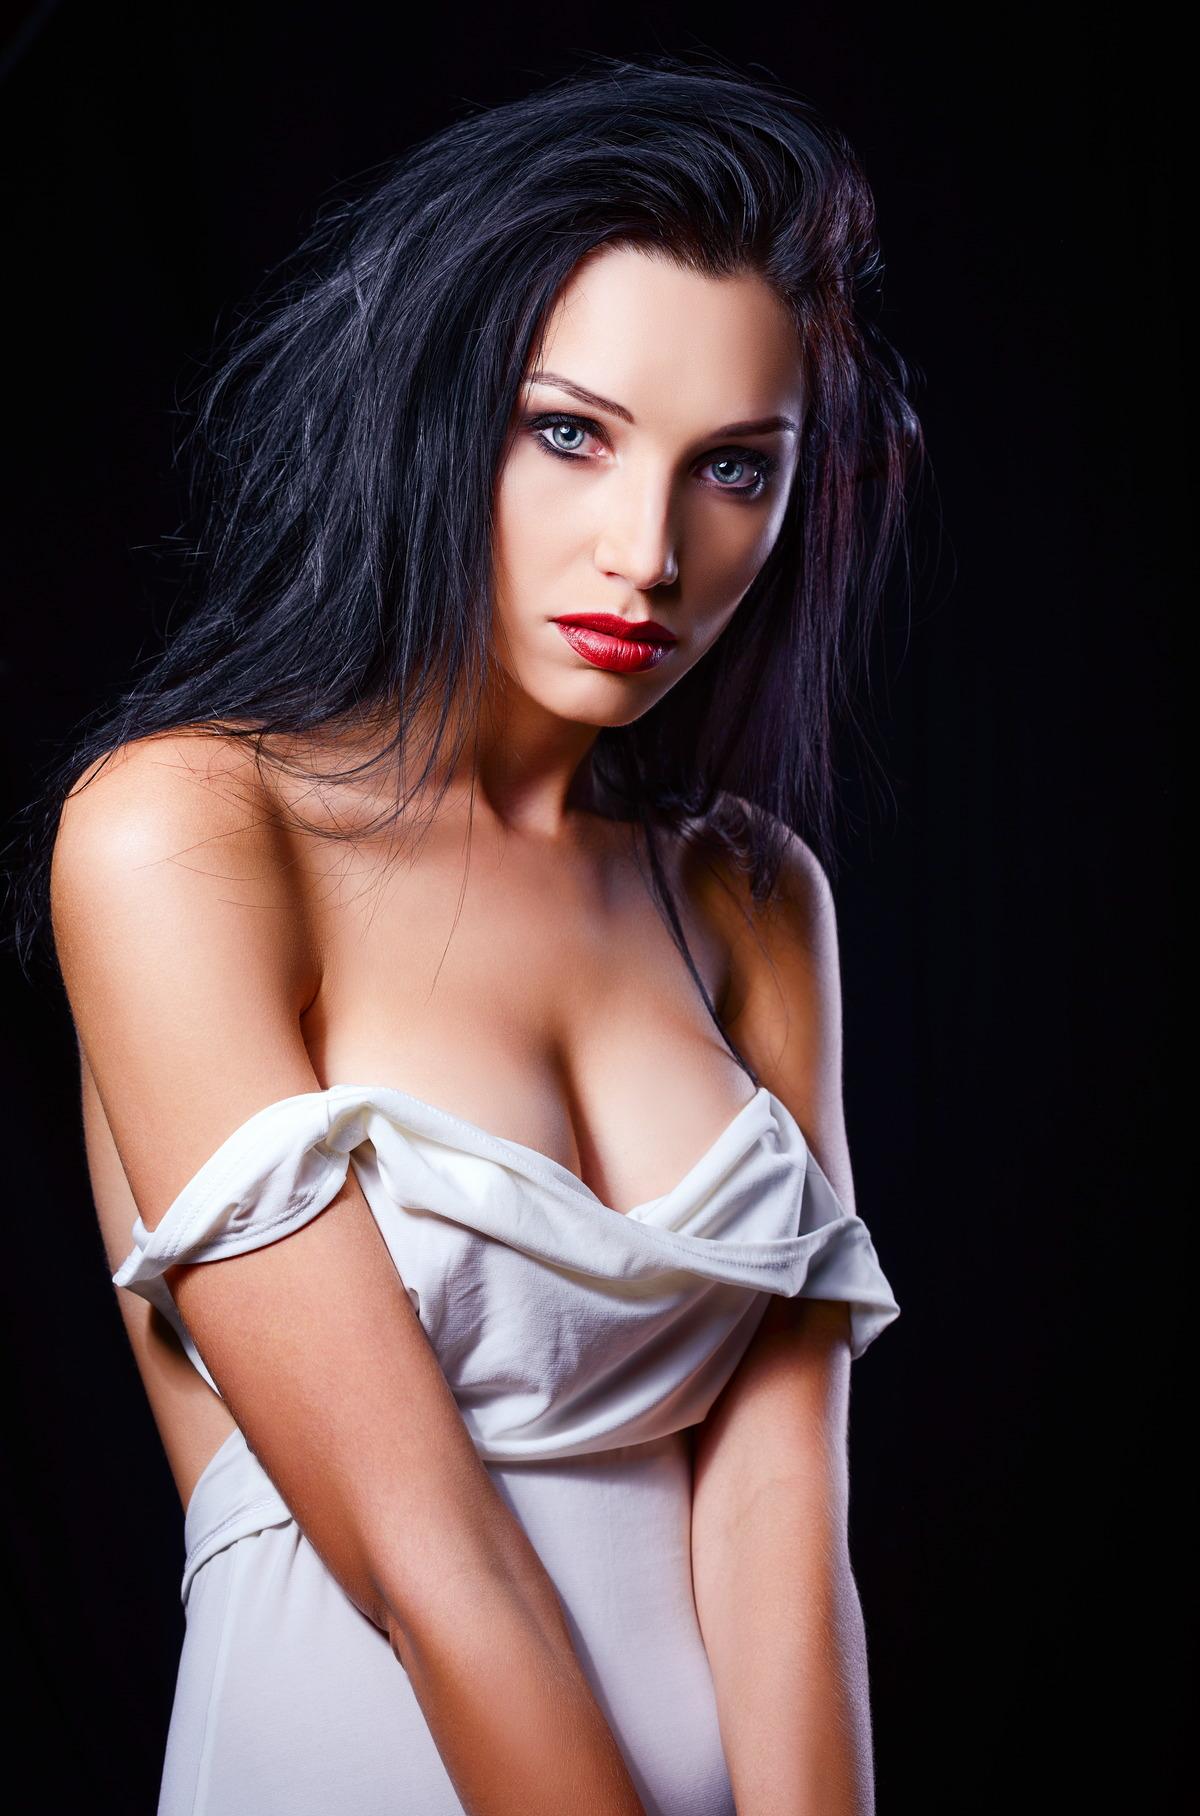 Sexy Schwarzhaarige mit blauen Augen